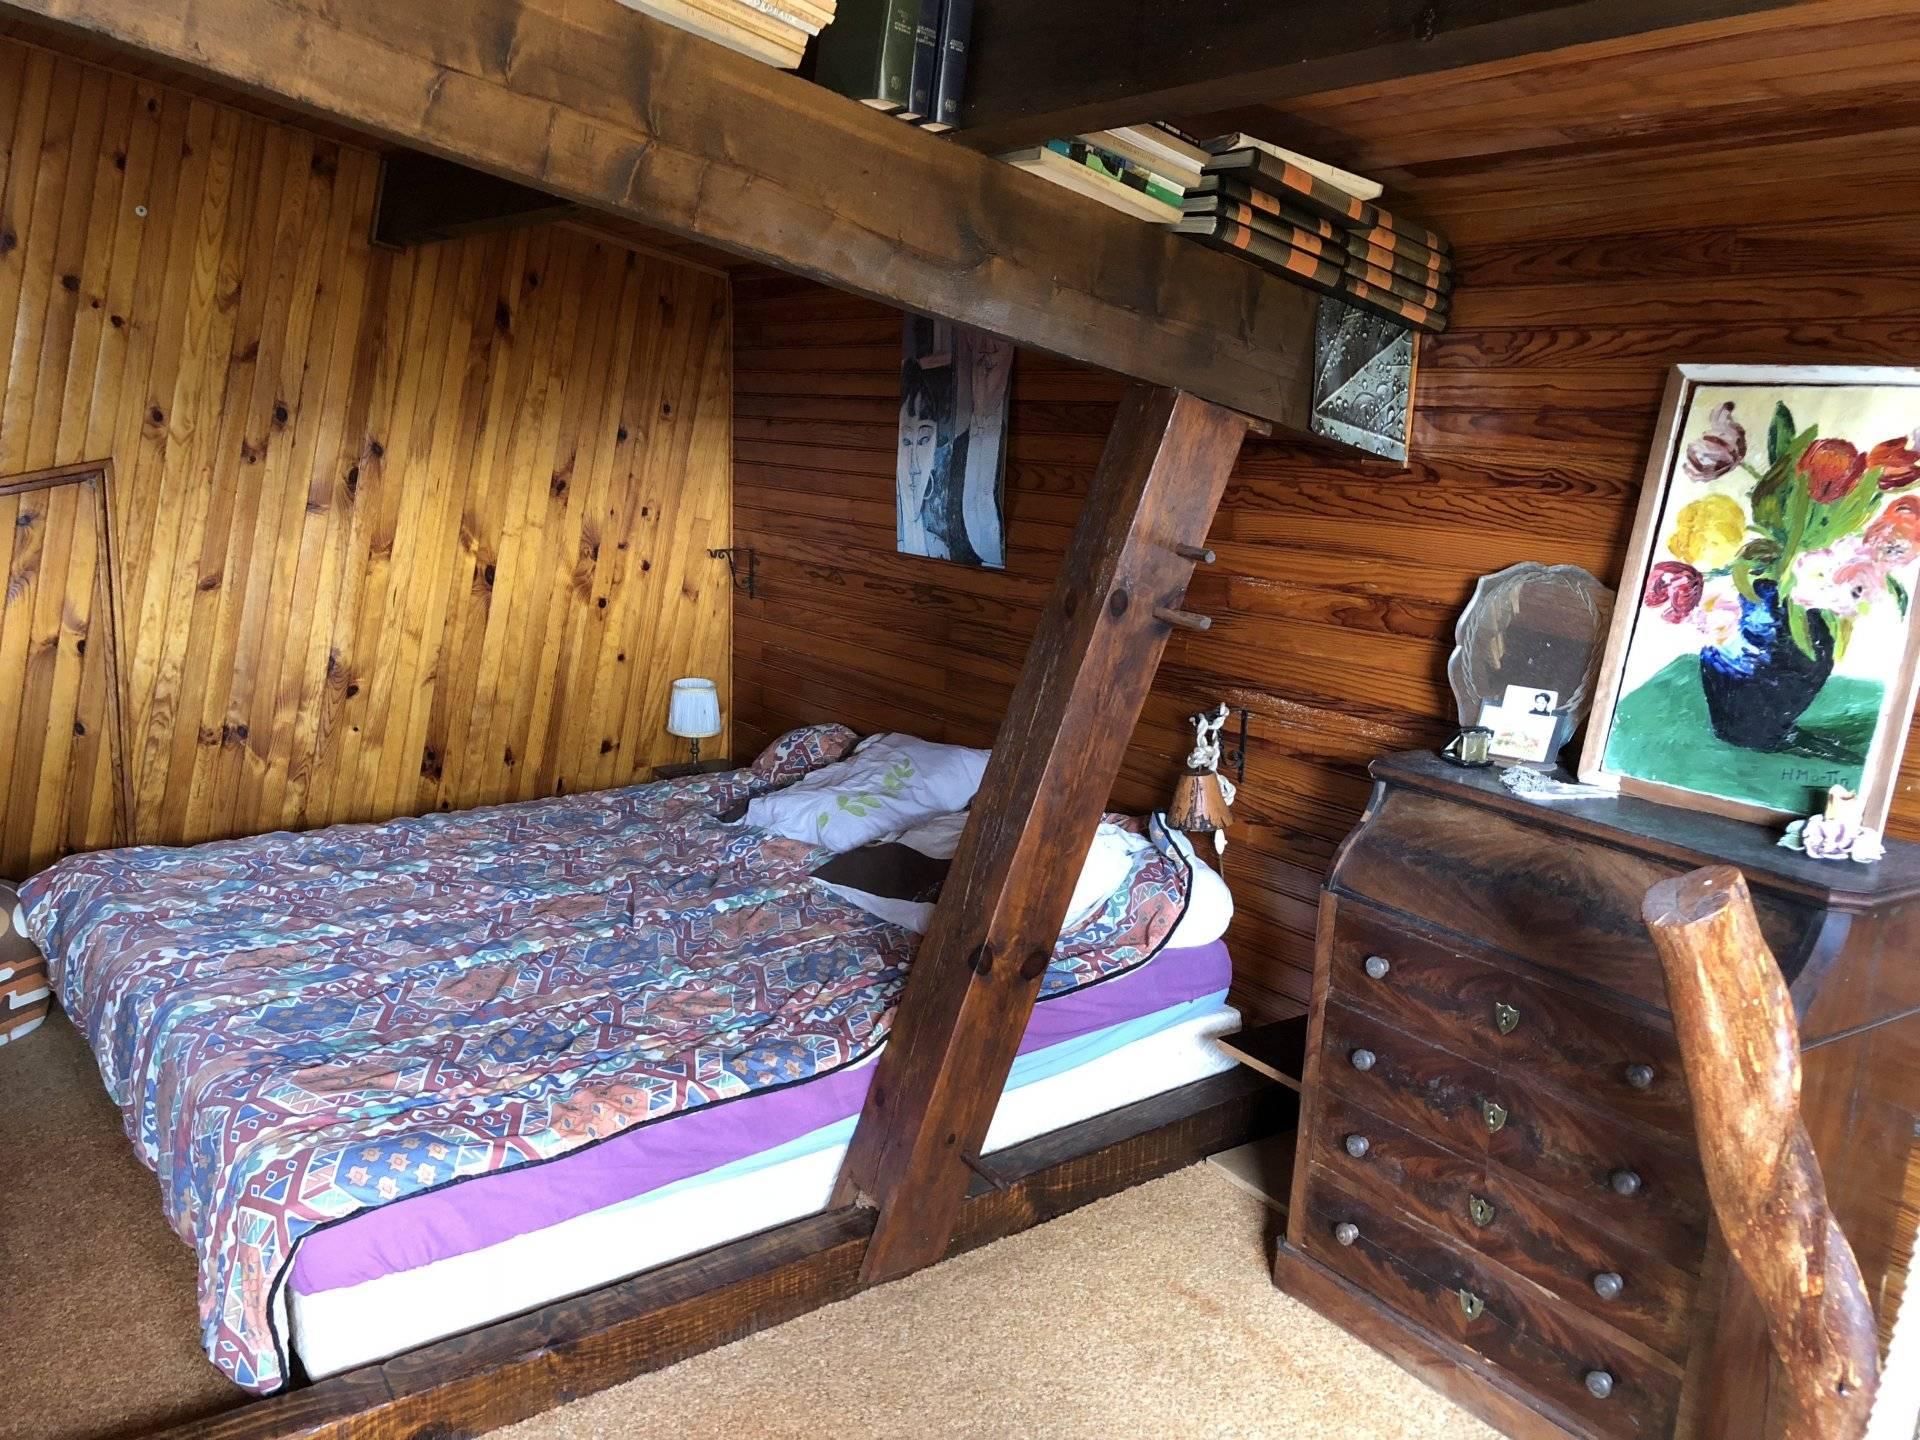 Recherche maison 4 chambres proche plage pointe aux chevaux grand piquey lege cap ferret